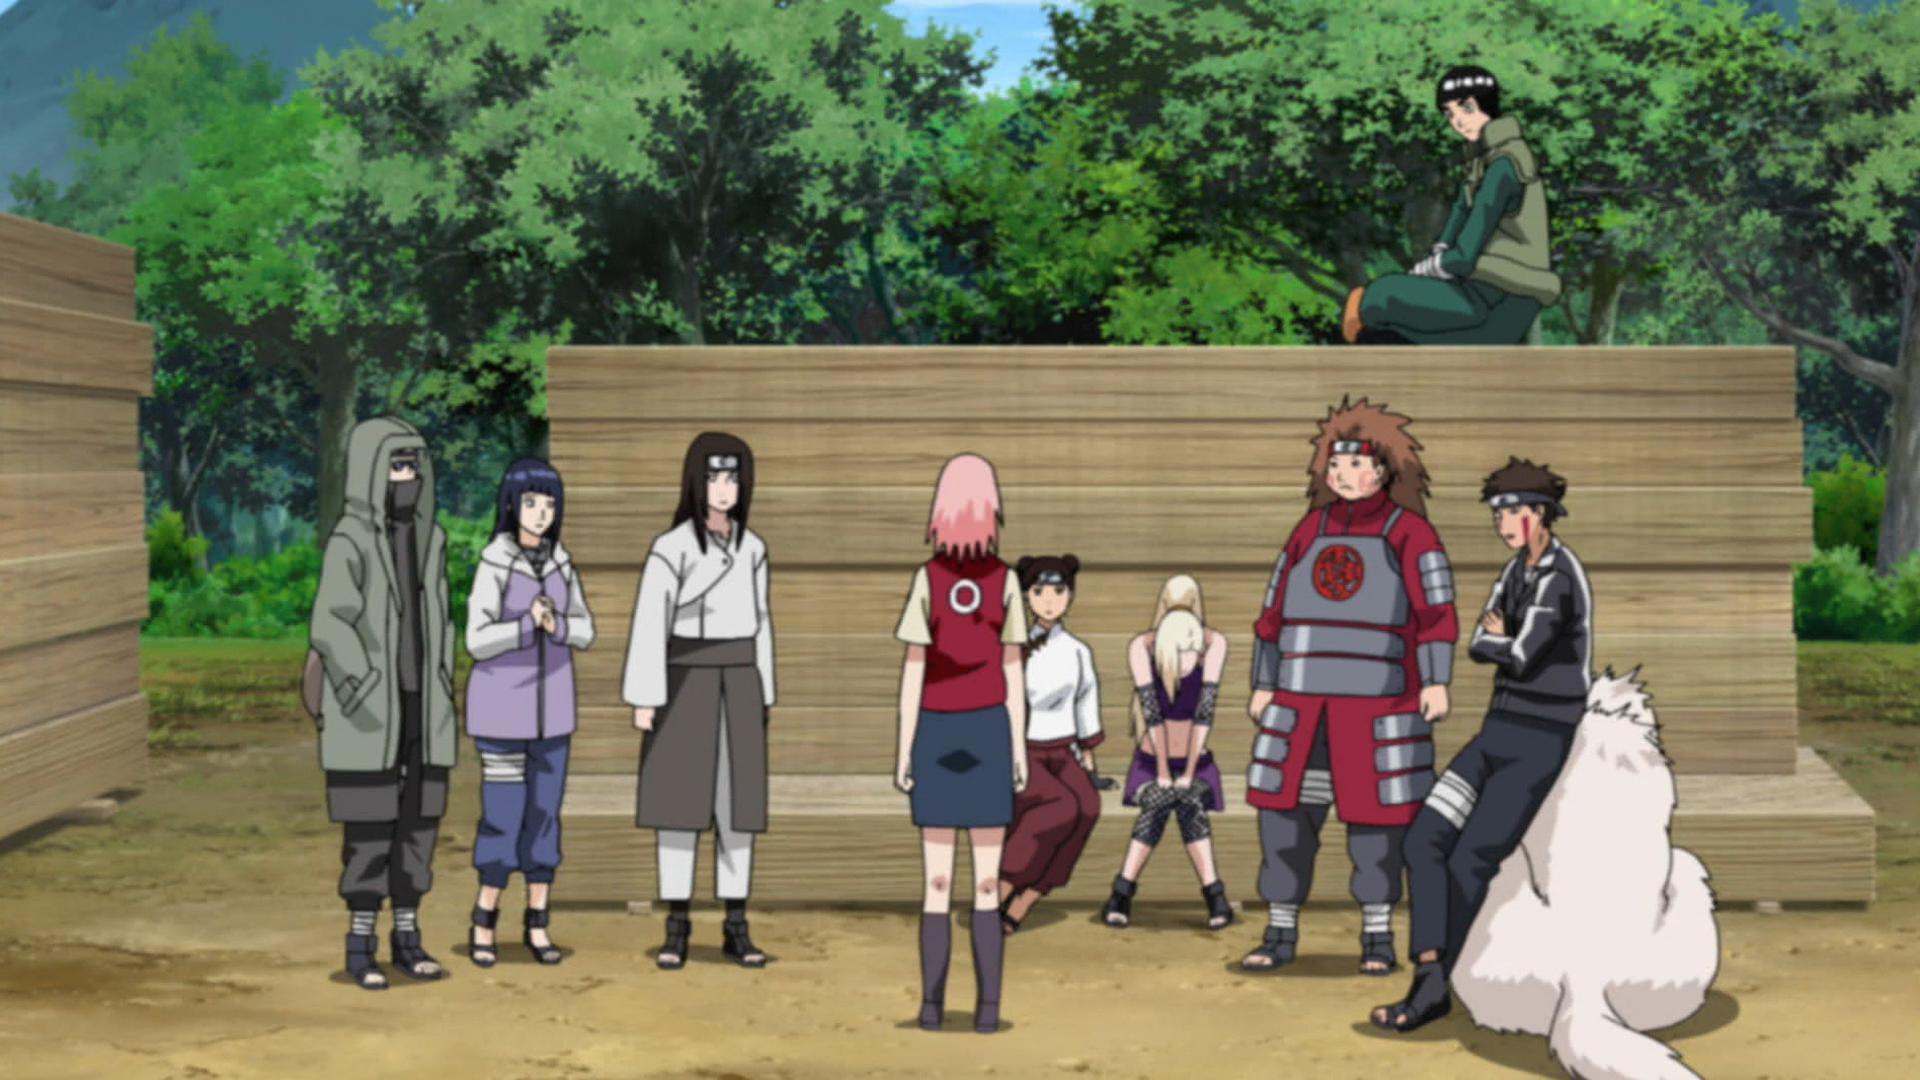 konoha 11 meet to discuss sasuke and itachi